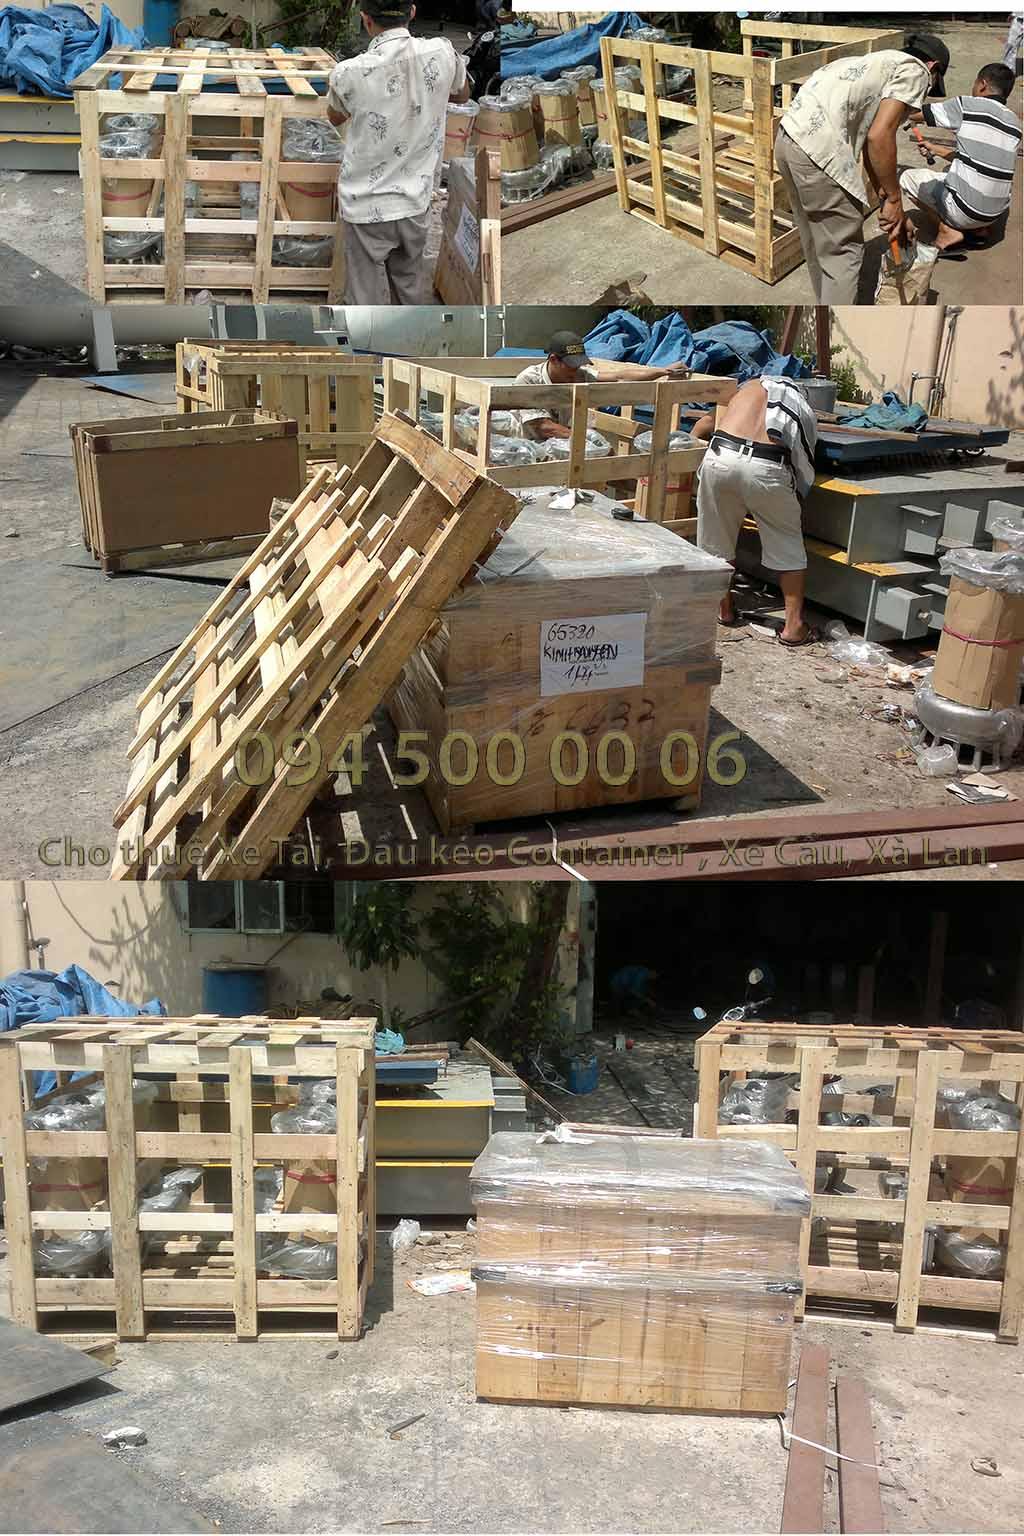 (Ảnh: dịch vụ đóng kiện gỗ hàng hóa; Cty Con Rùa Biển nhận vận chuyển và kiêm cả việc đóng kiện gỗ nếu đó là hàng hóa dễ hư hỏng khi vận chuyển, kiện gỗ đảm bảo tiêu chuẩn vận chuyển an toàn: trong ảnh là đóng kiện gỗ máy bơm, tránh hư hỏng xung quanh do hàng mới 100%)